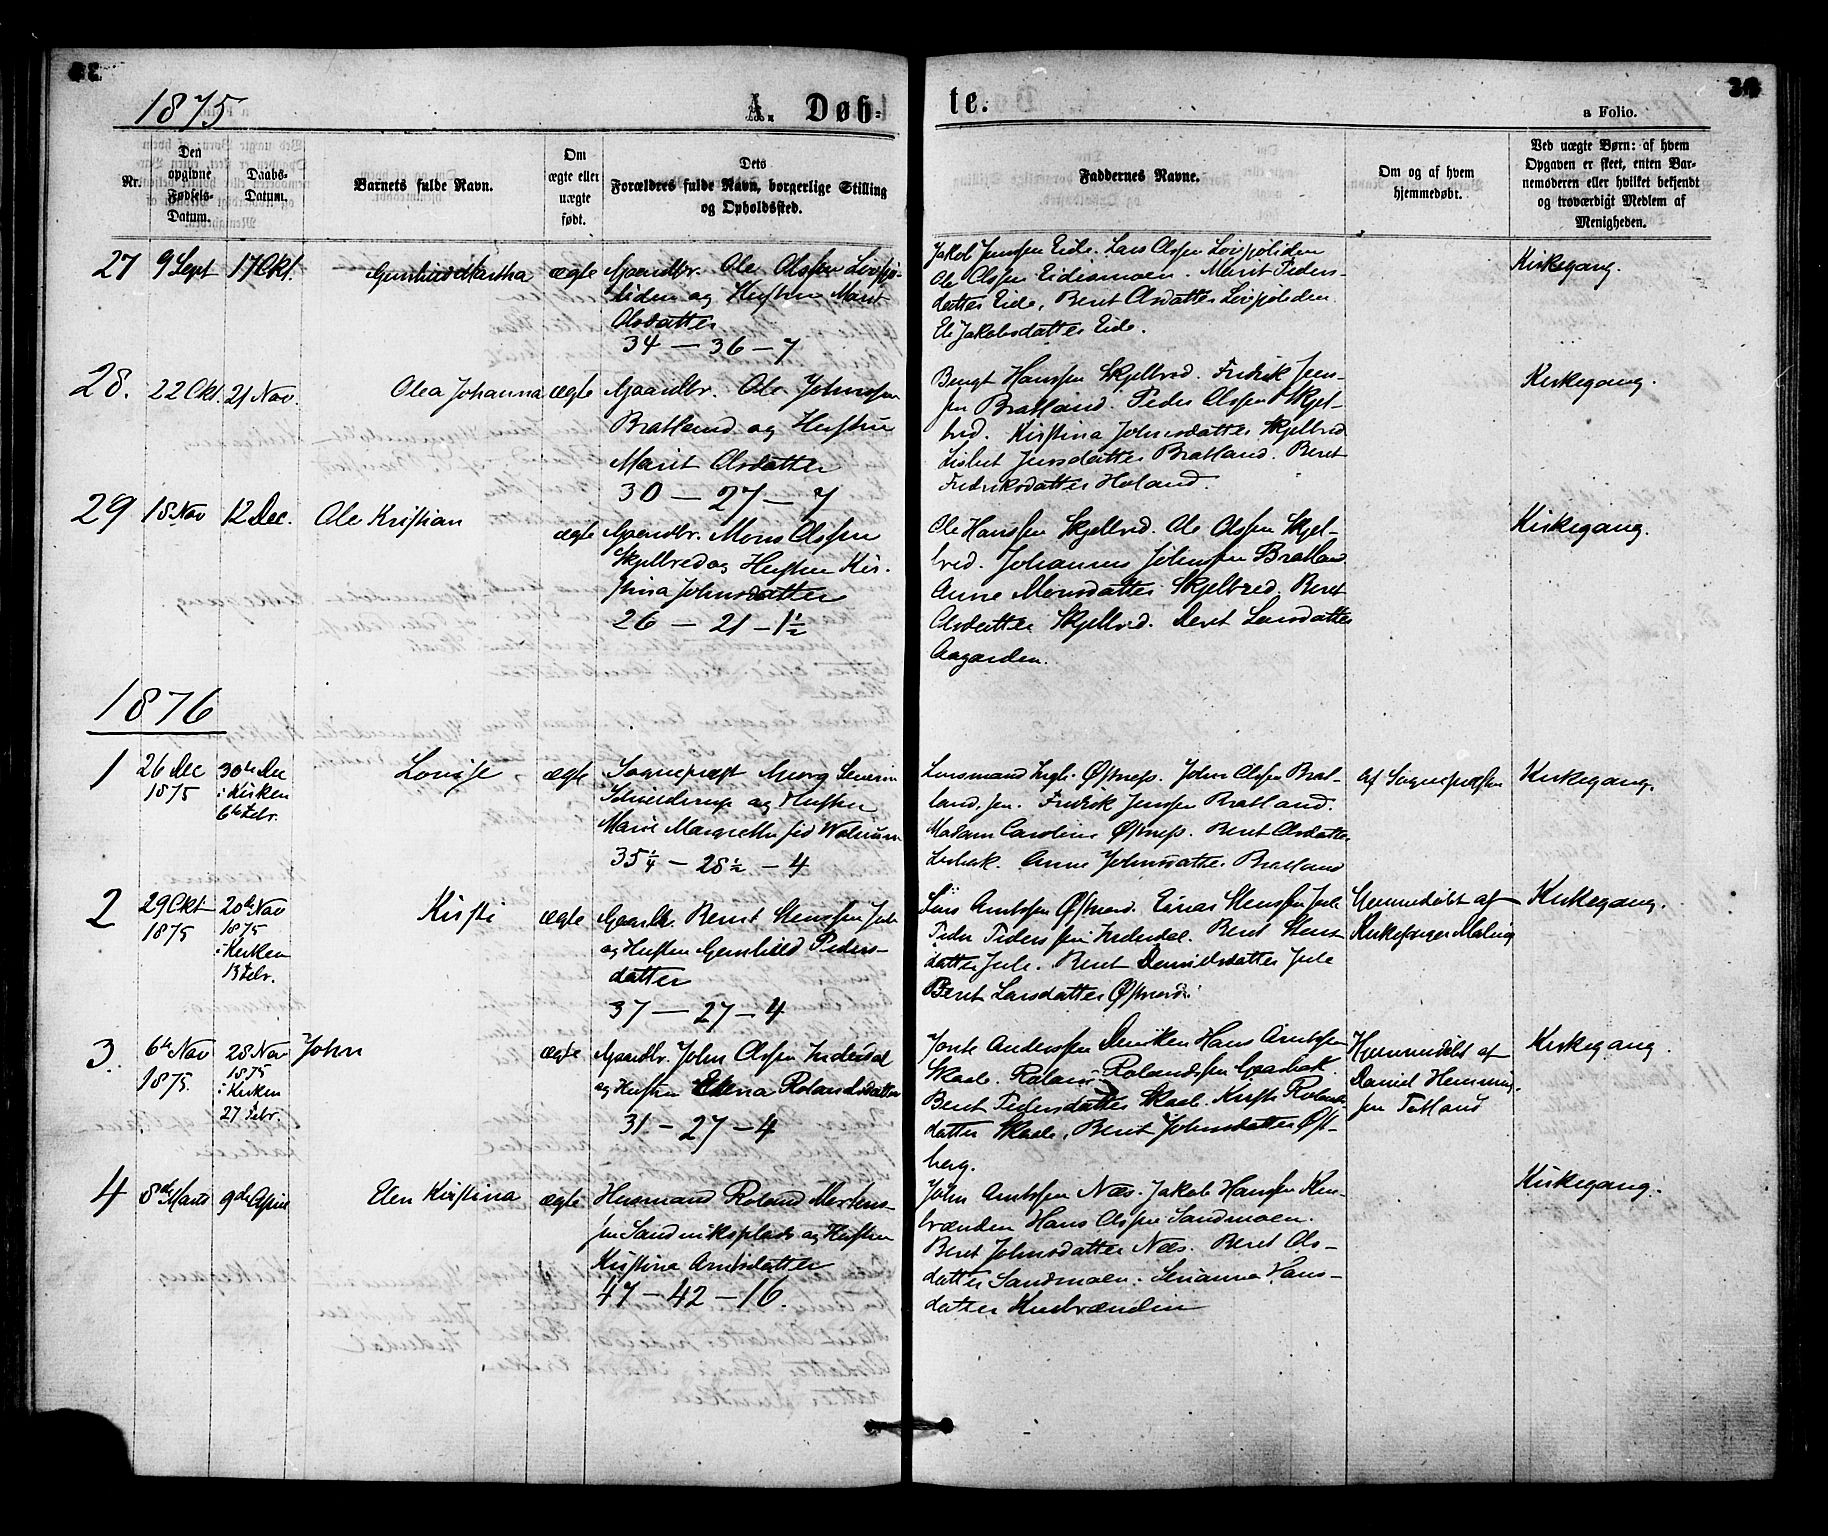 SAT, Ministerialprotokoller, klokkerbøker og fødselsregistre - Nord-Trøndelag, 755/L0493: Ministerialbok nr. 755A02, 1865-1881, s. 36